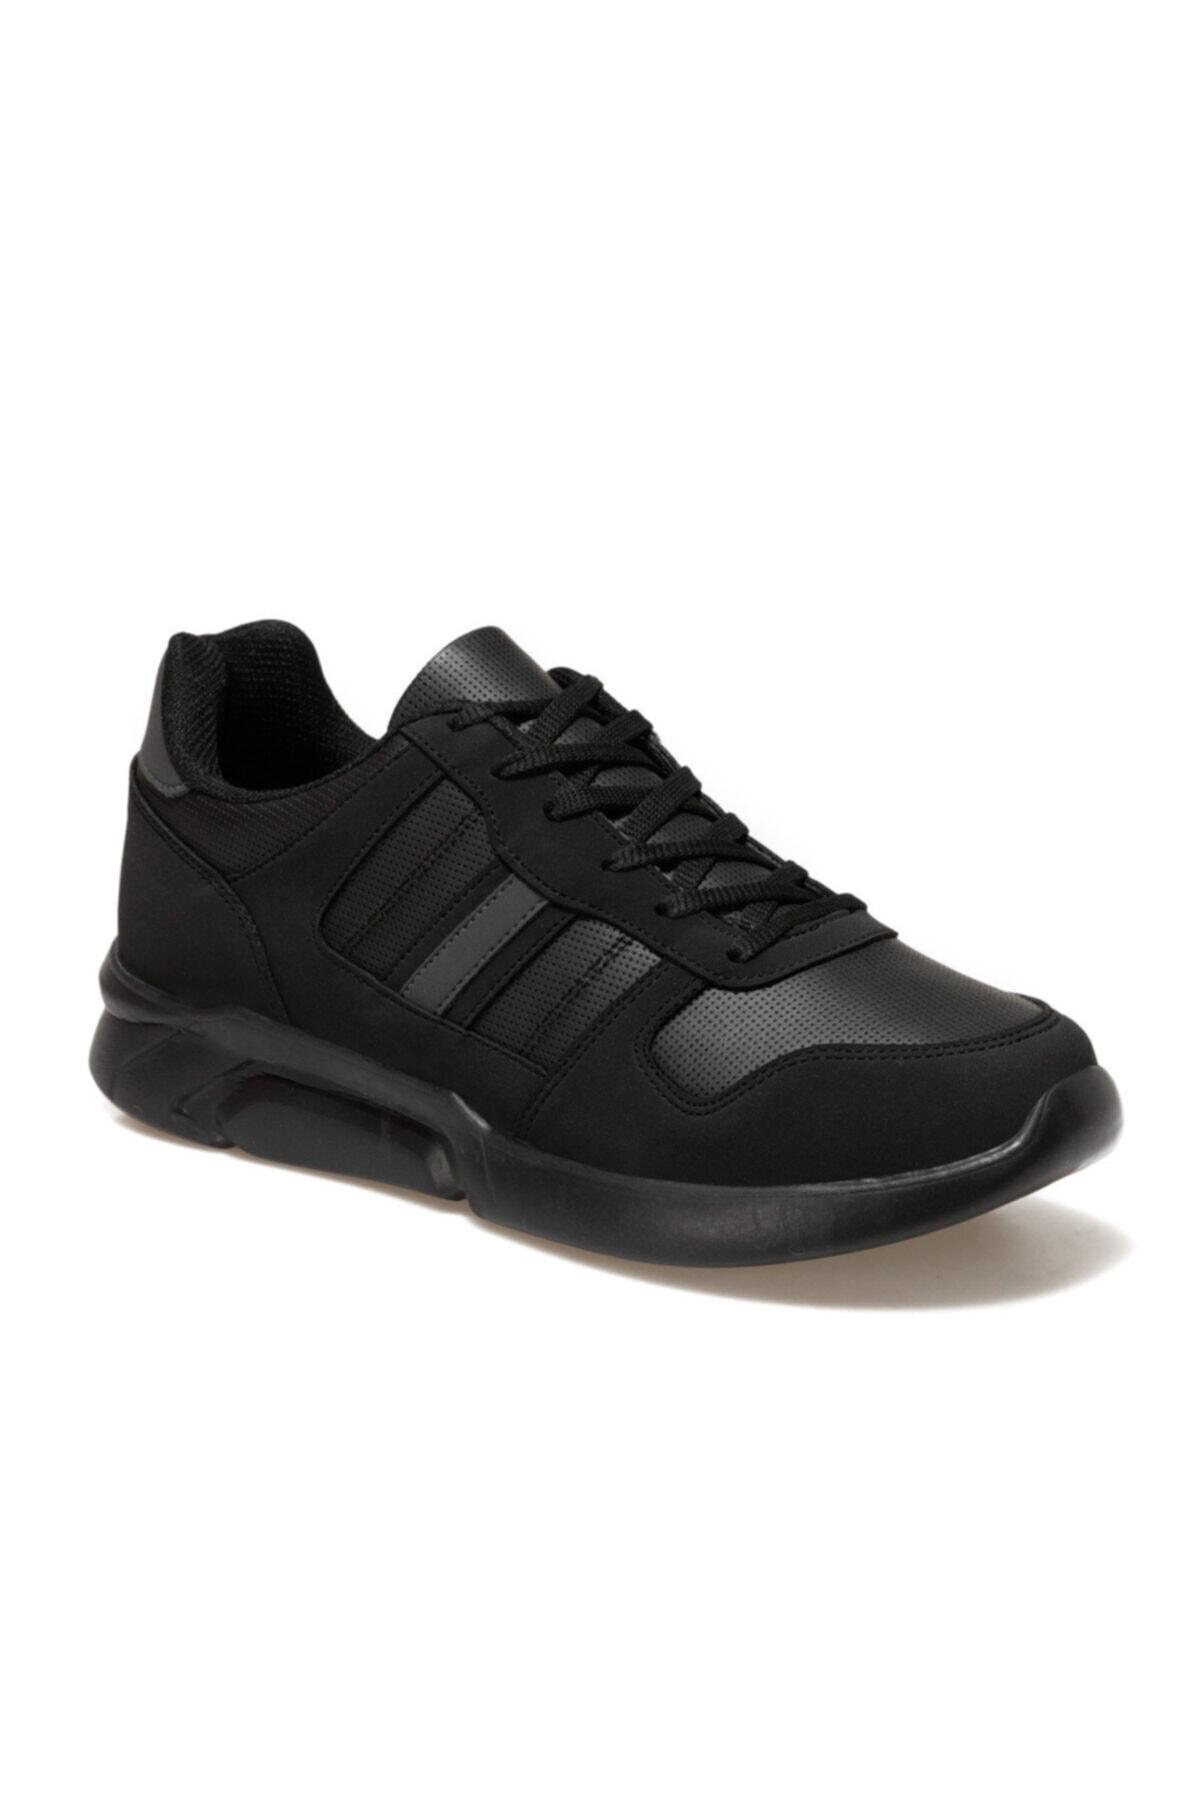 FORESTER EC-2007 Siyah Erkek Spor Ayakkabı 101015659 1